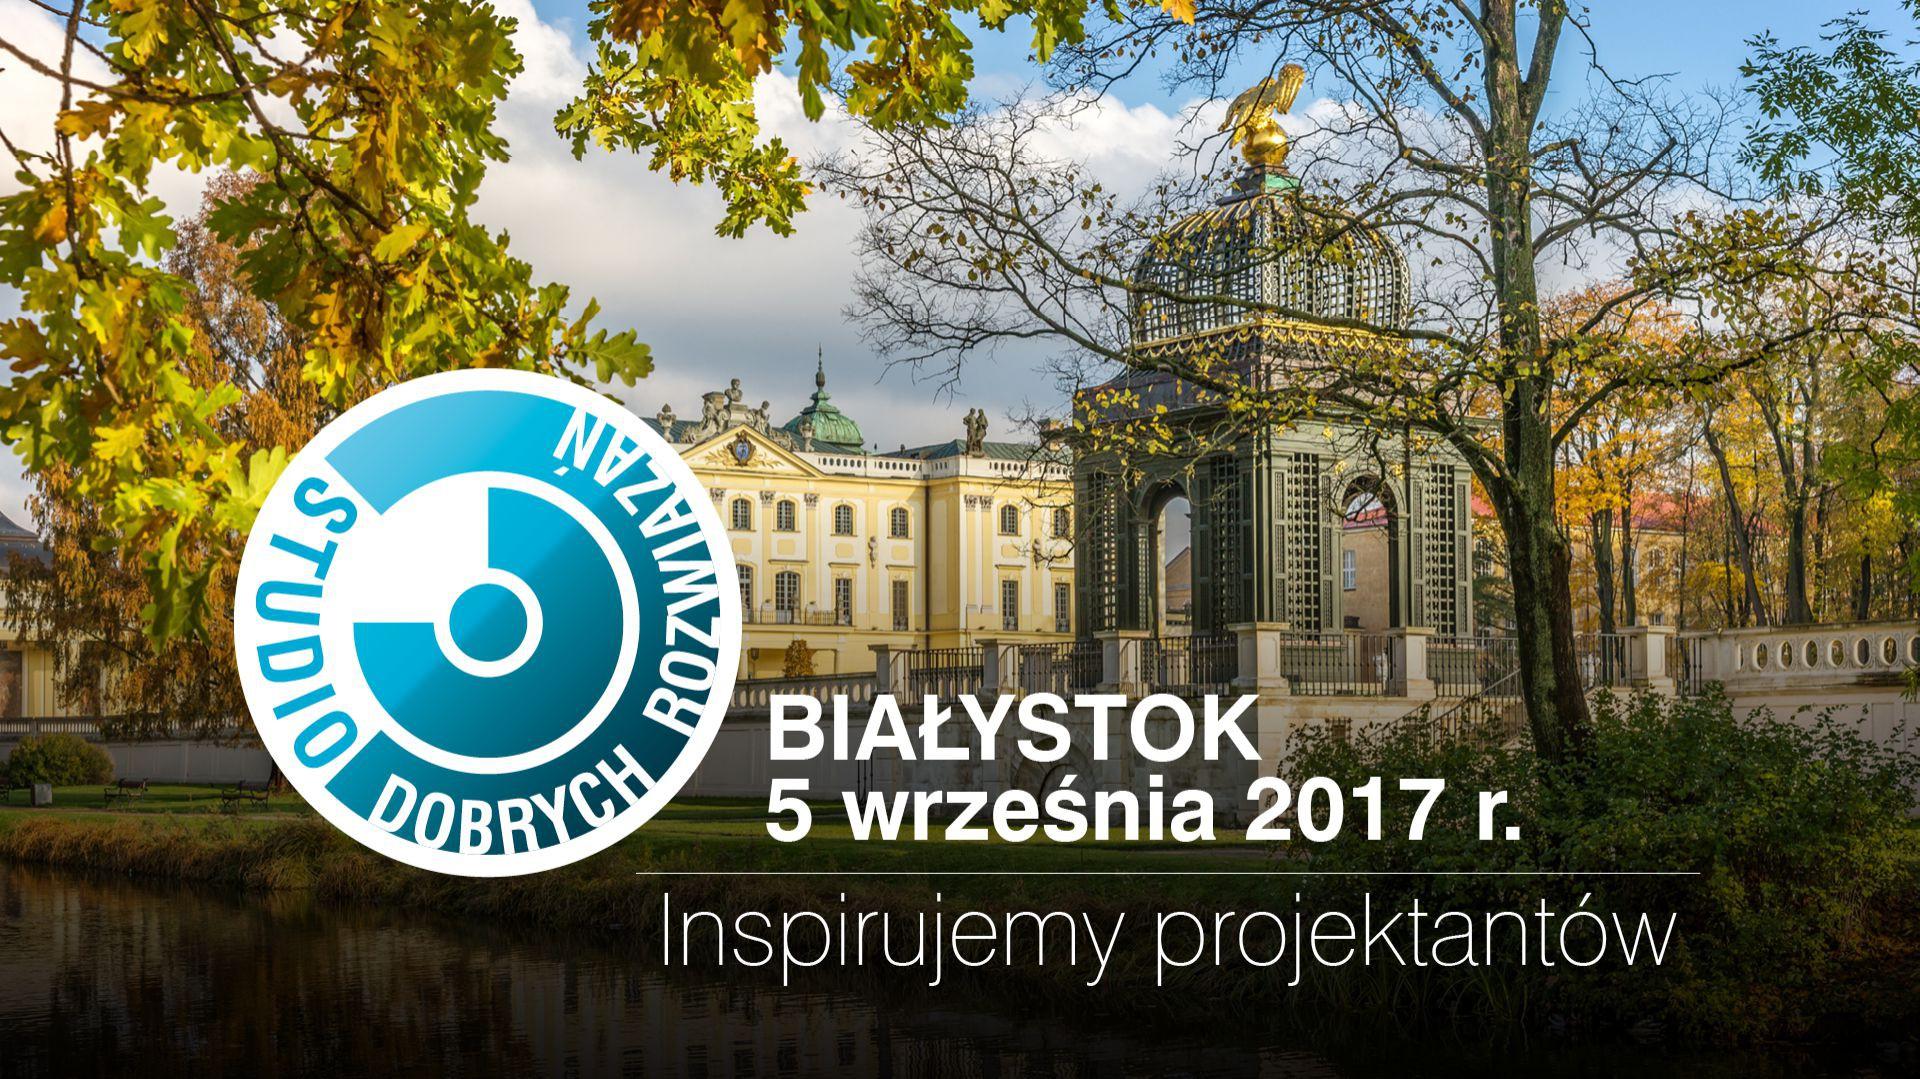 SDR Białystok 5 września 2017